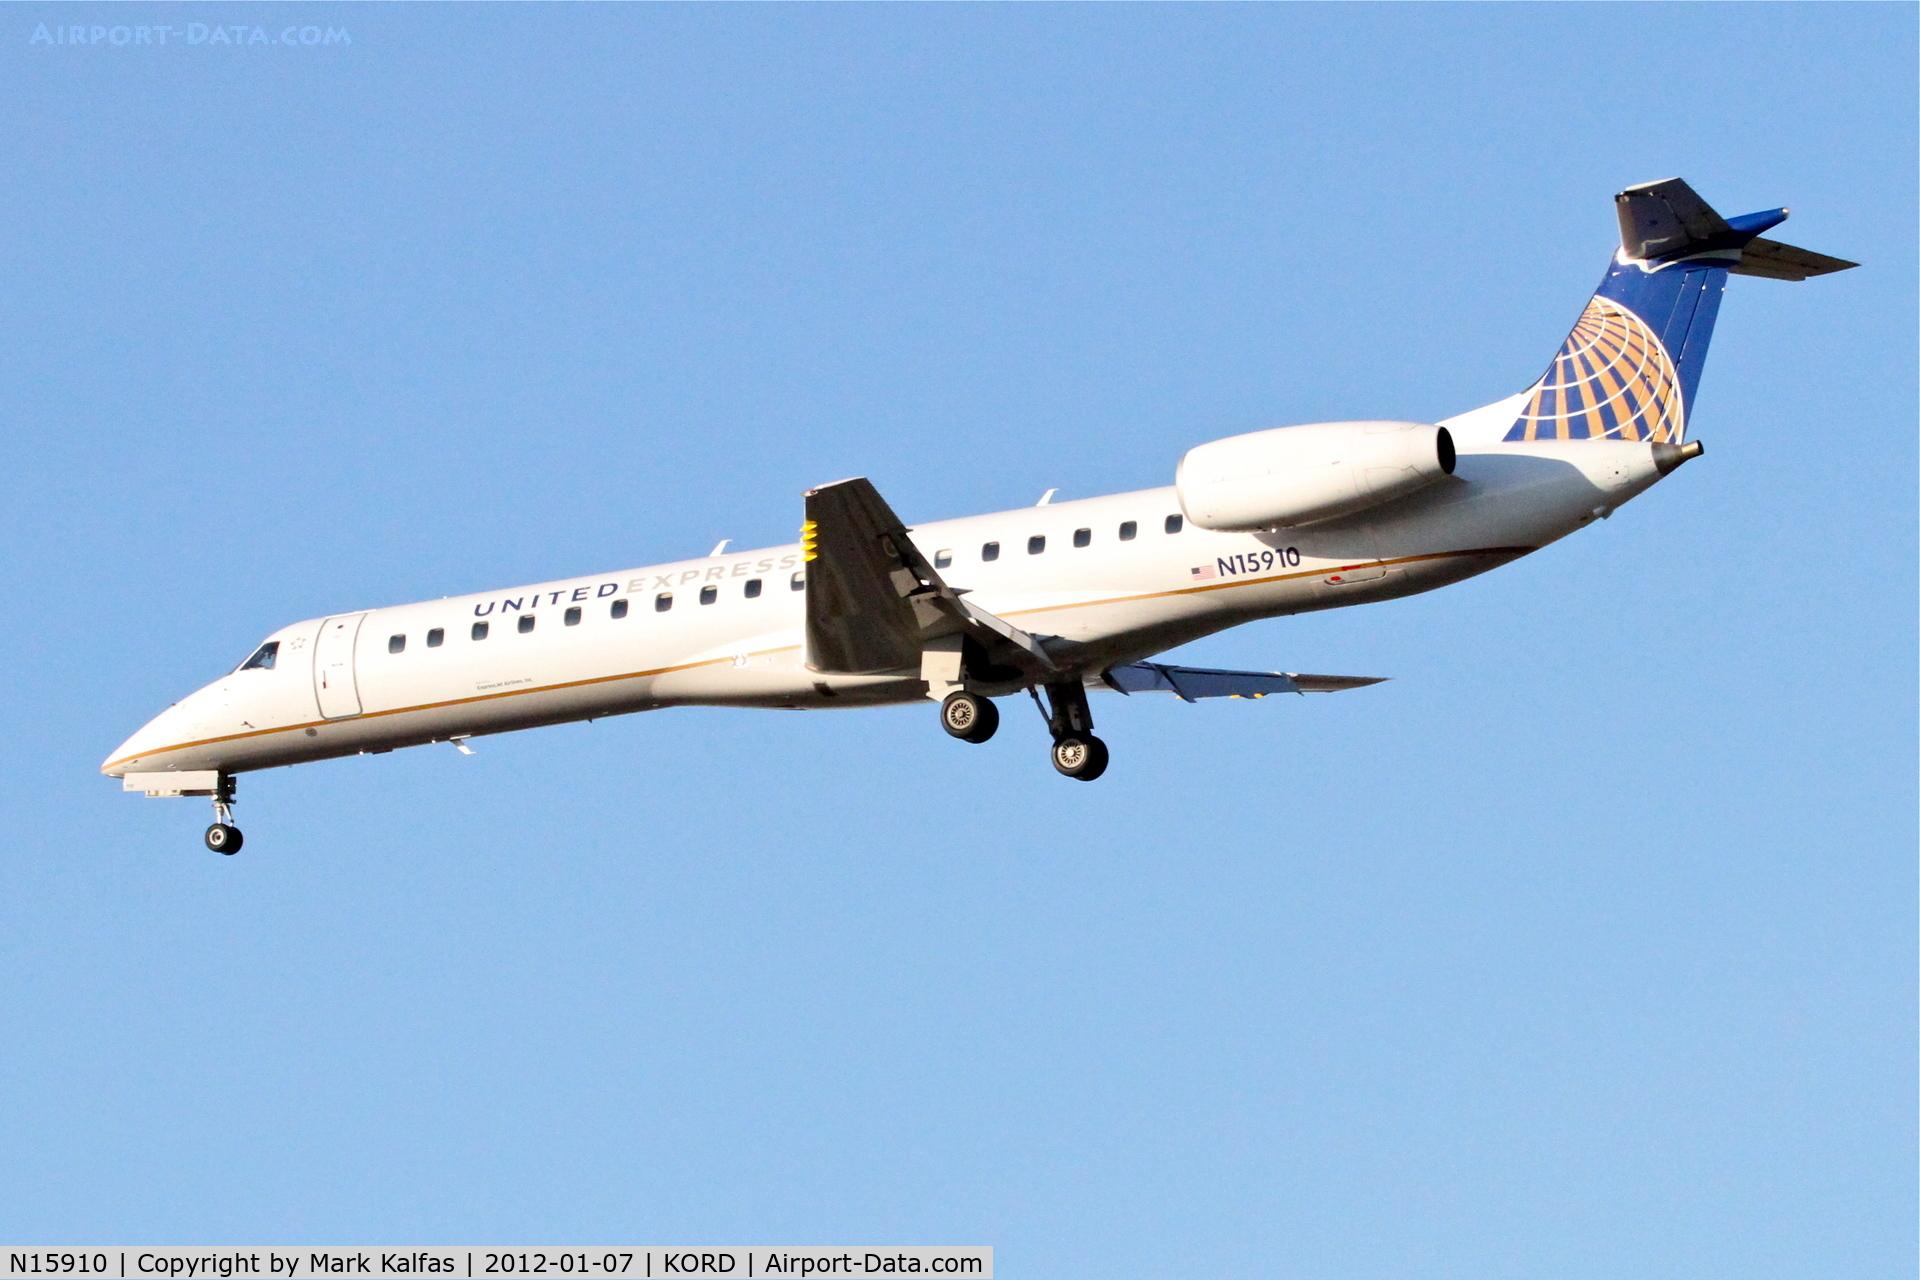 N15910, 2001 Embraer EMB-145LR C/N 145455, ExpressJet/United Express Embraer EMB-145LR, ASQ5853 arriving from KBVT, RWY 28 approach KORD.